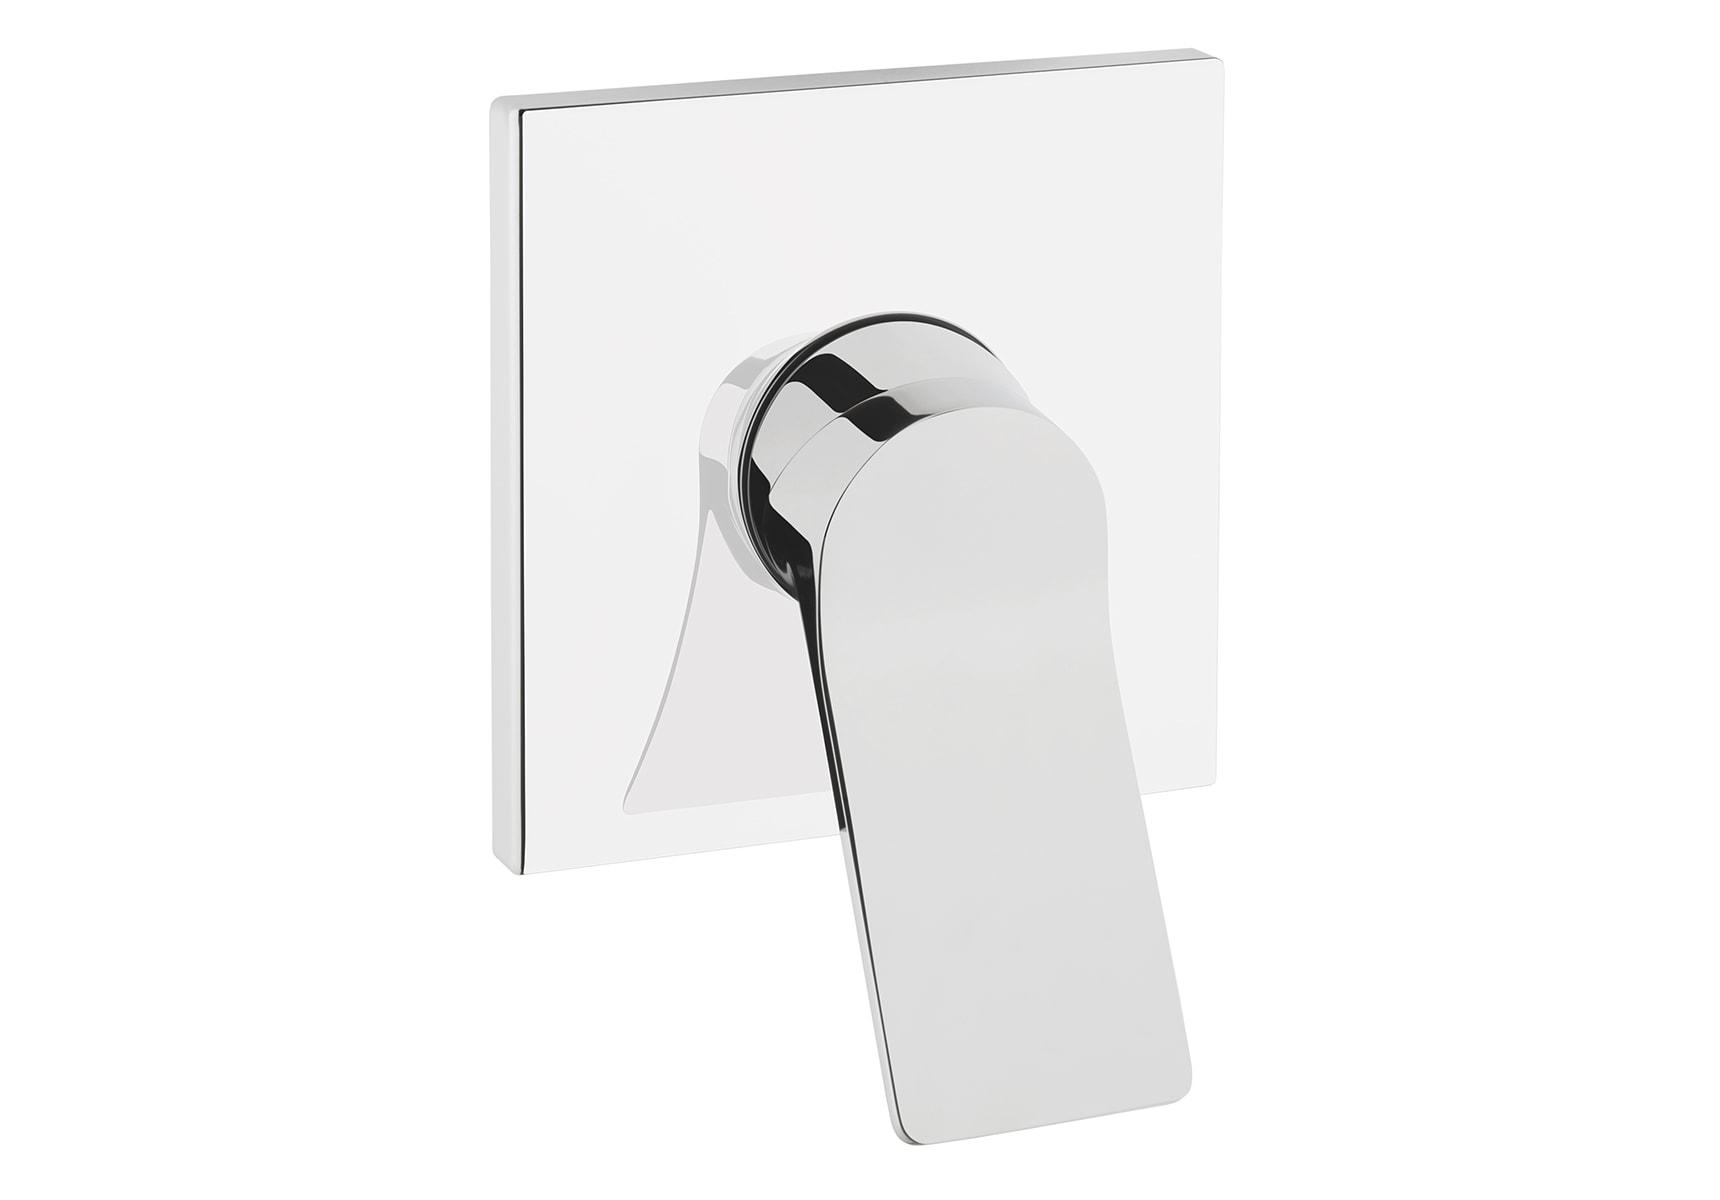 Memoria Built-in Shower mixer (Single Handle)